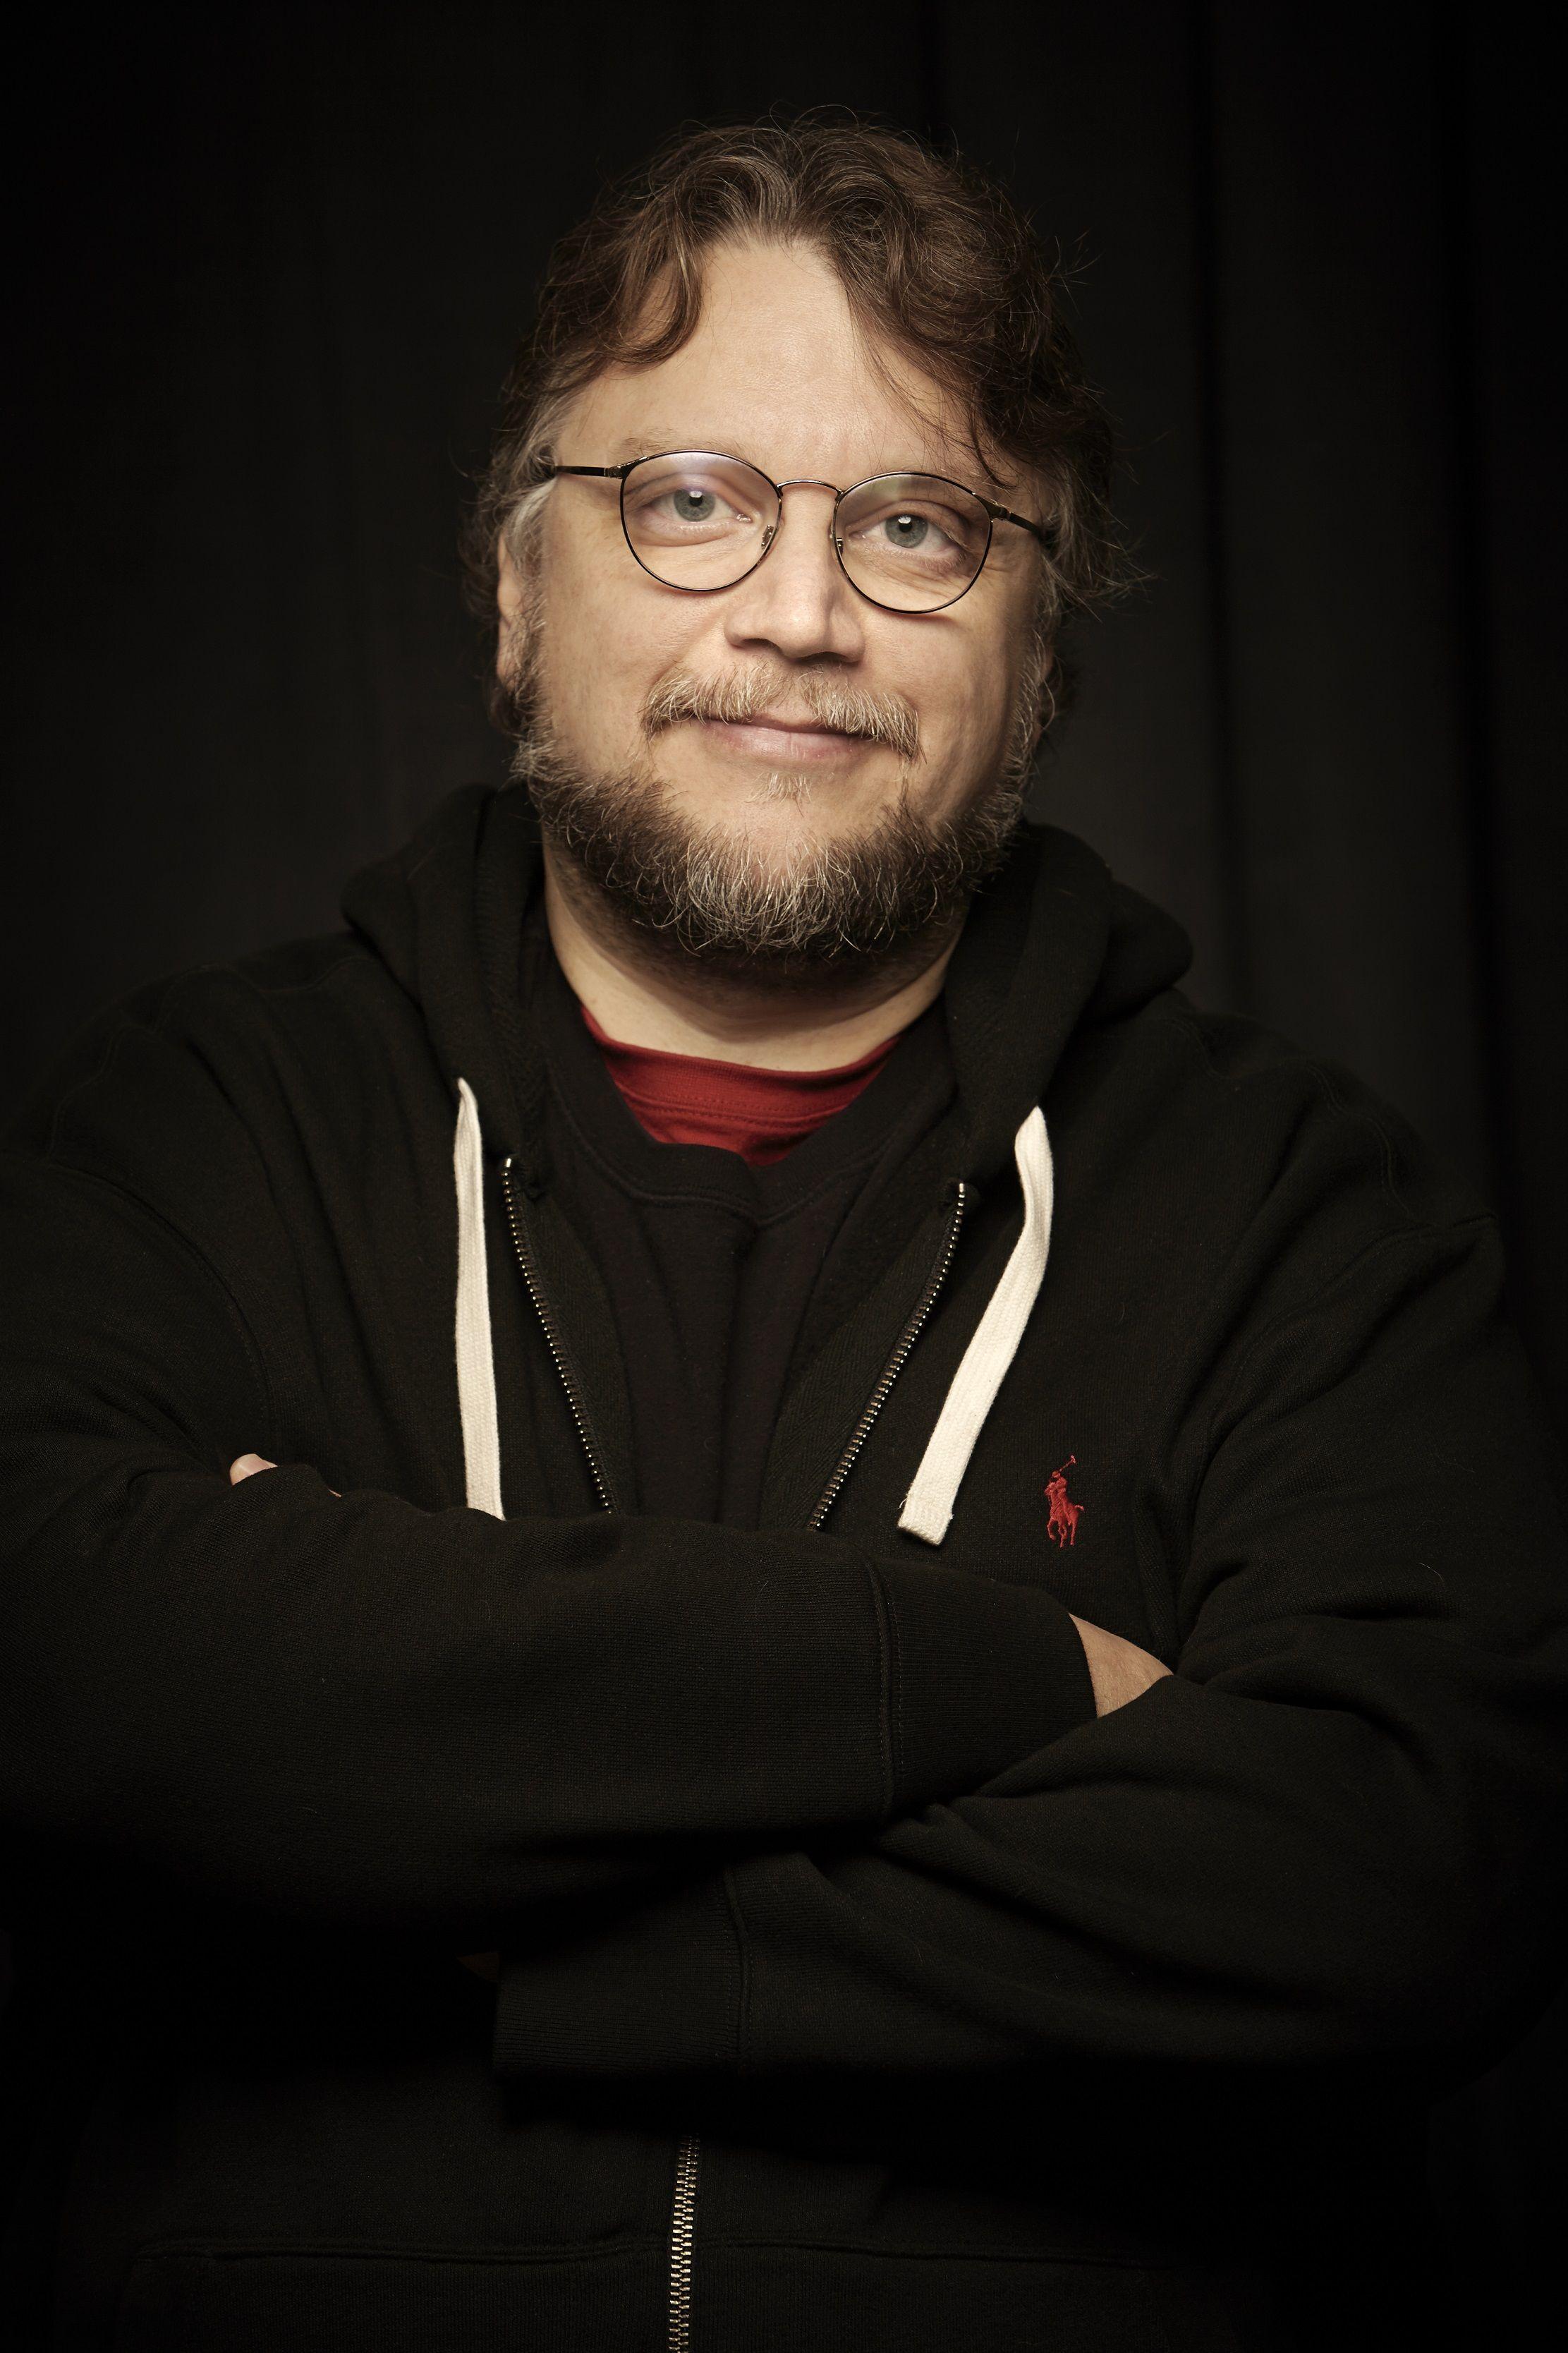 Guillermo del Toro dirigirá Pinocchio para Netflix